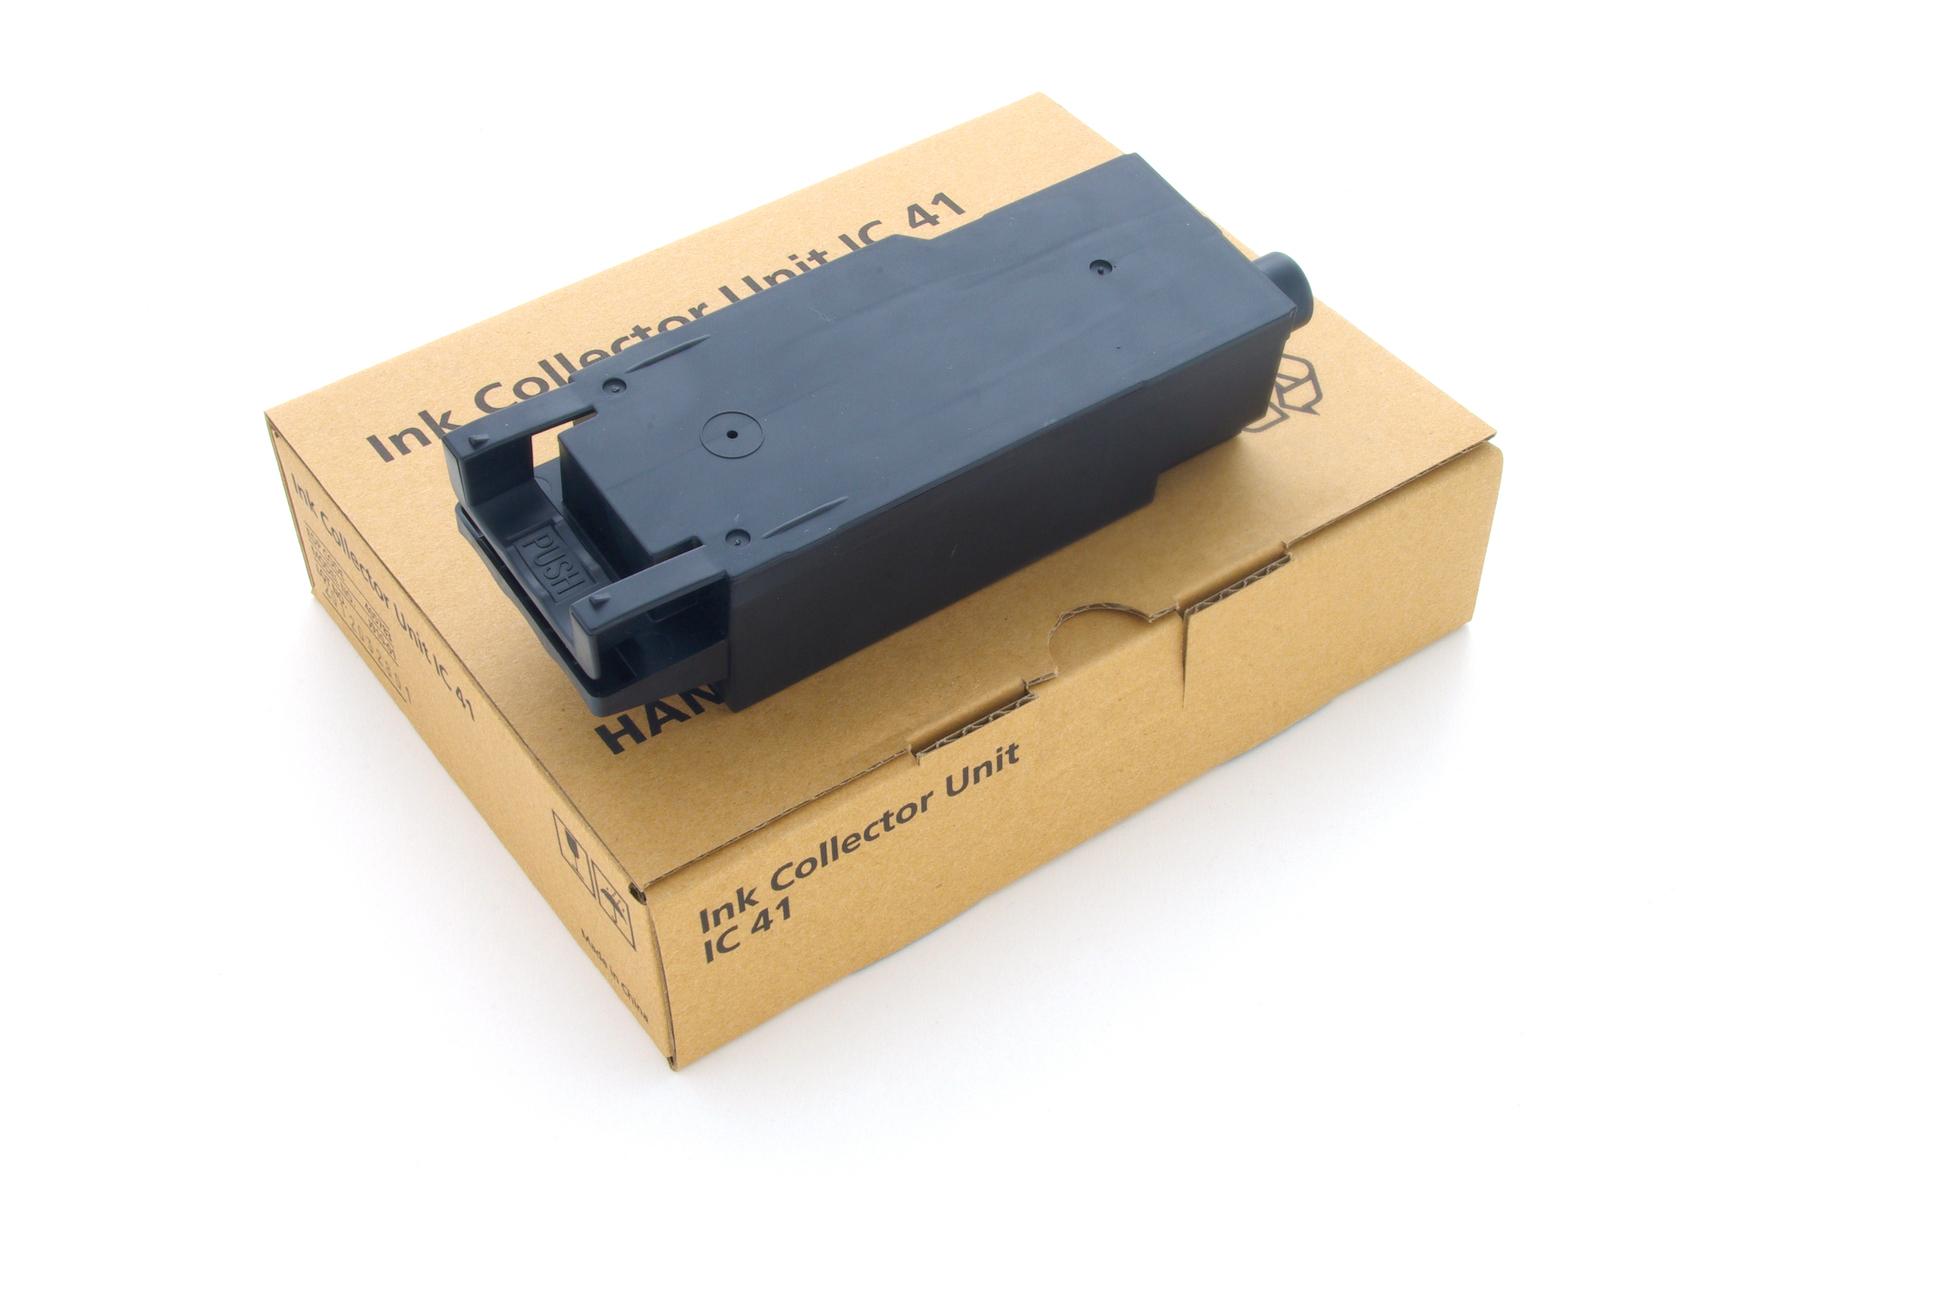 Ricoh Auffangbehälter für Resttinten - für NRG SG 2100, SG 3110